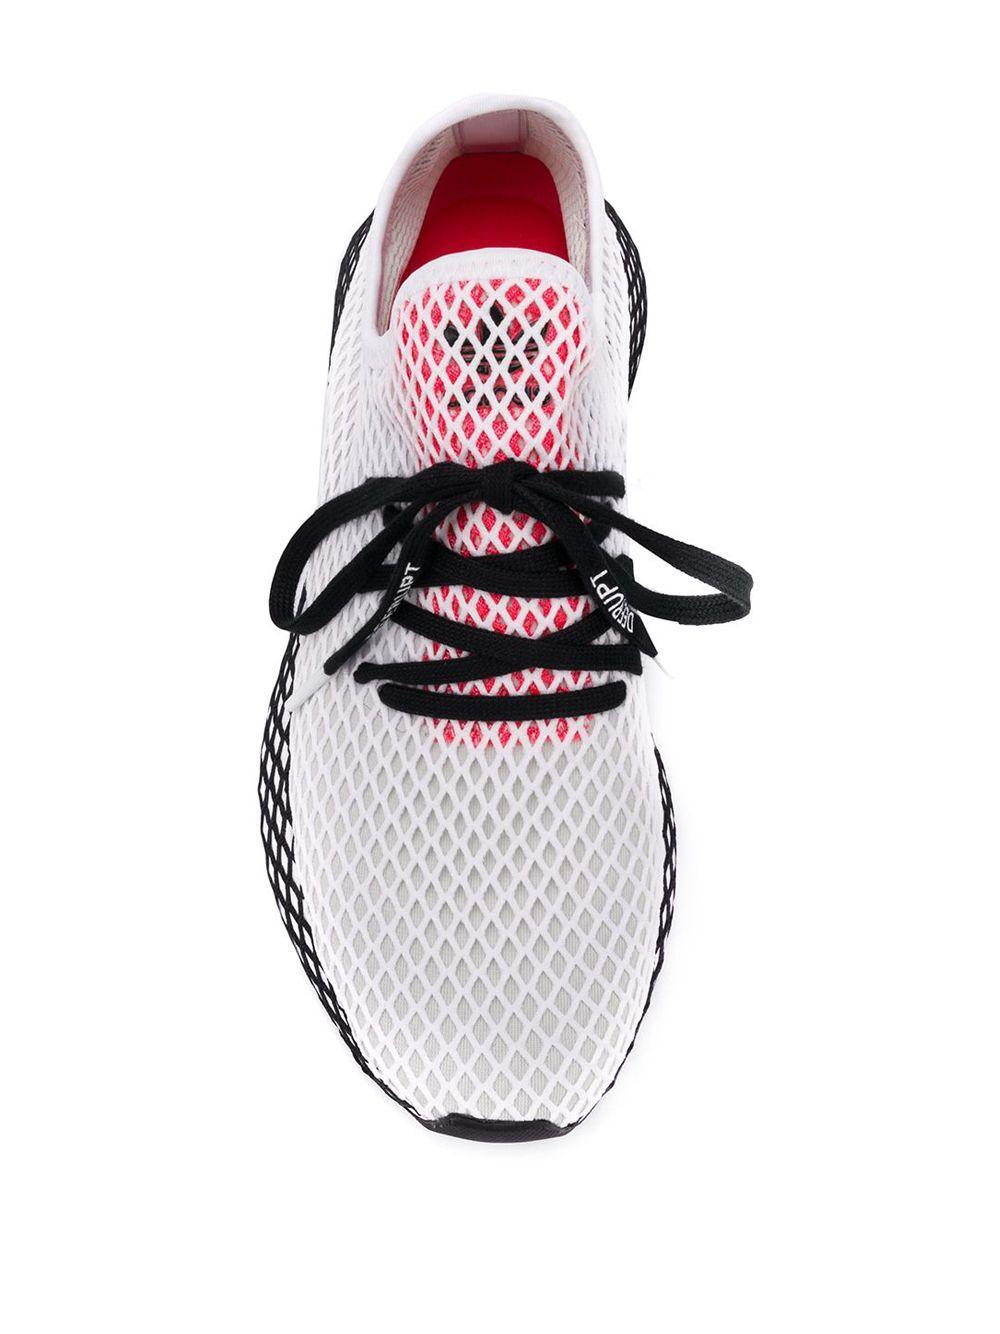 adidas Synthetisch Deerupt Hardloopsneakers in het Wit voor heren